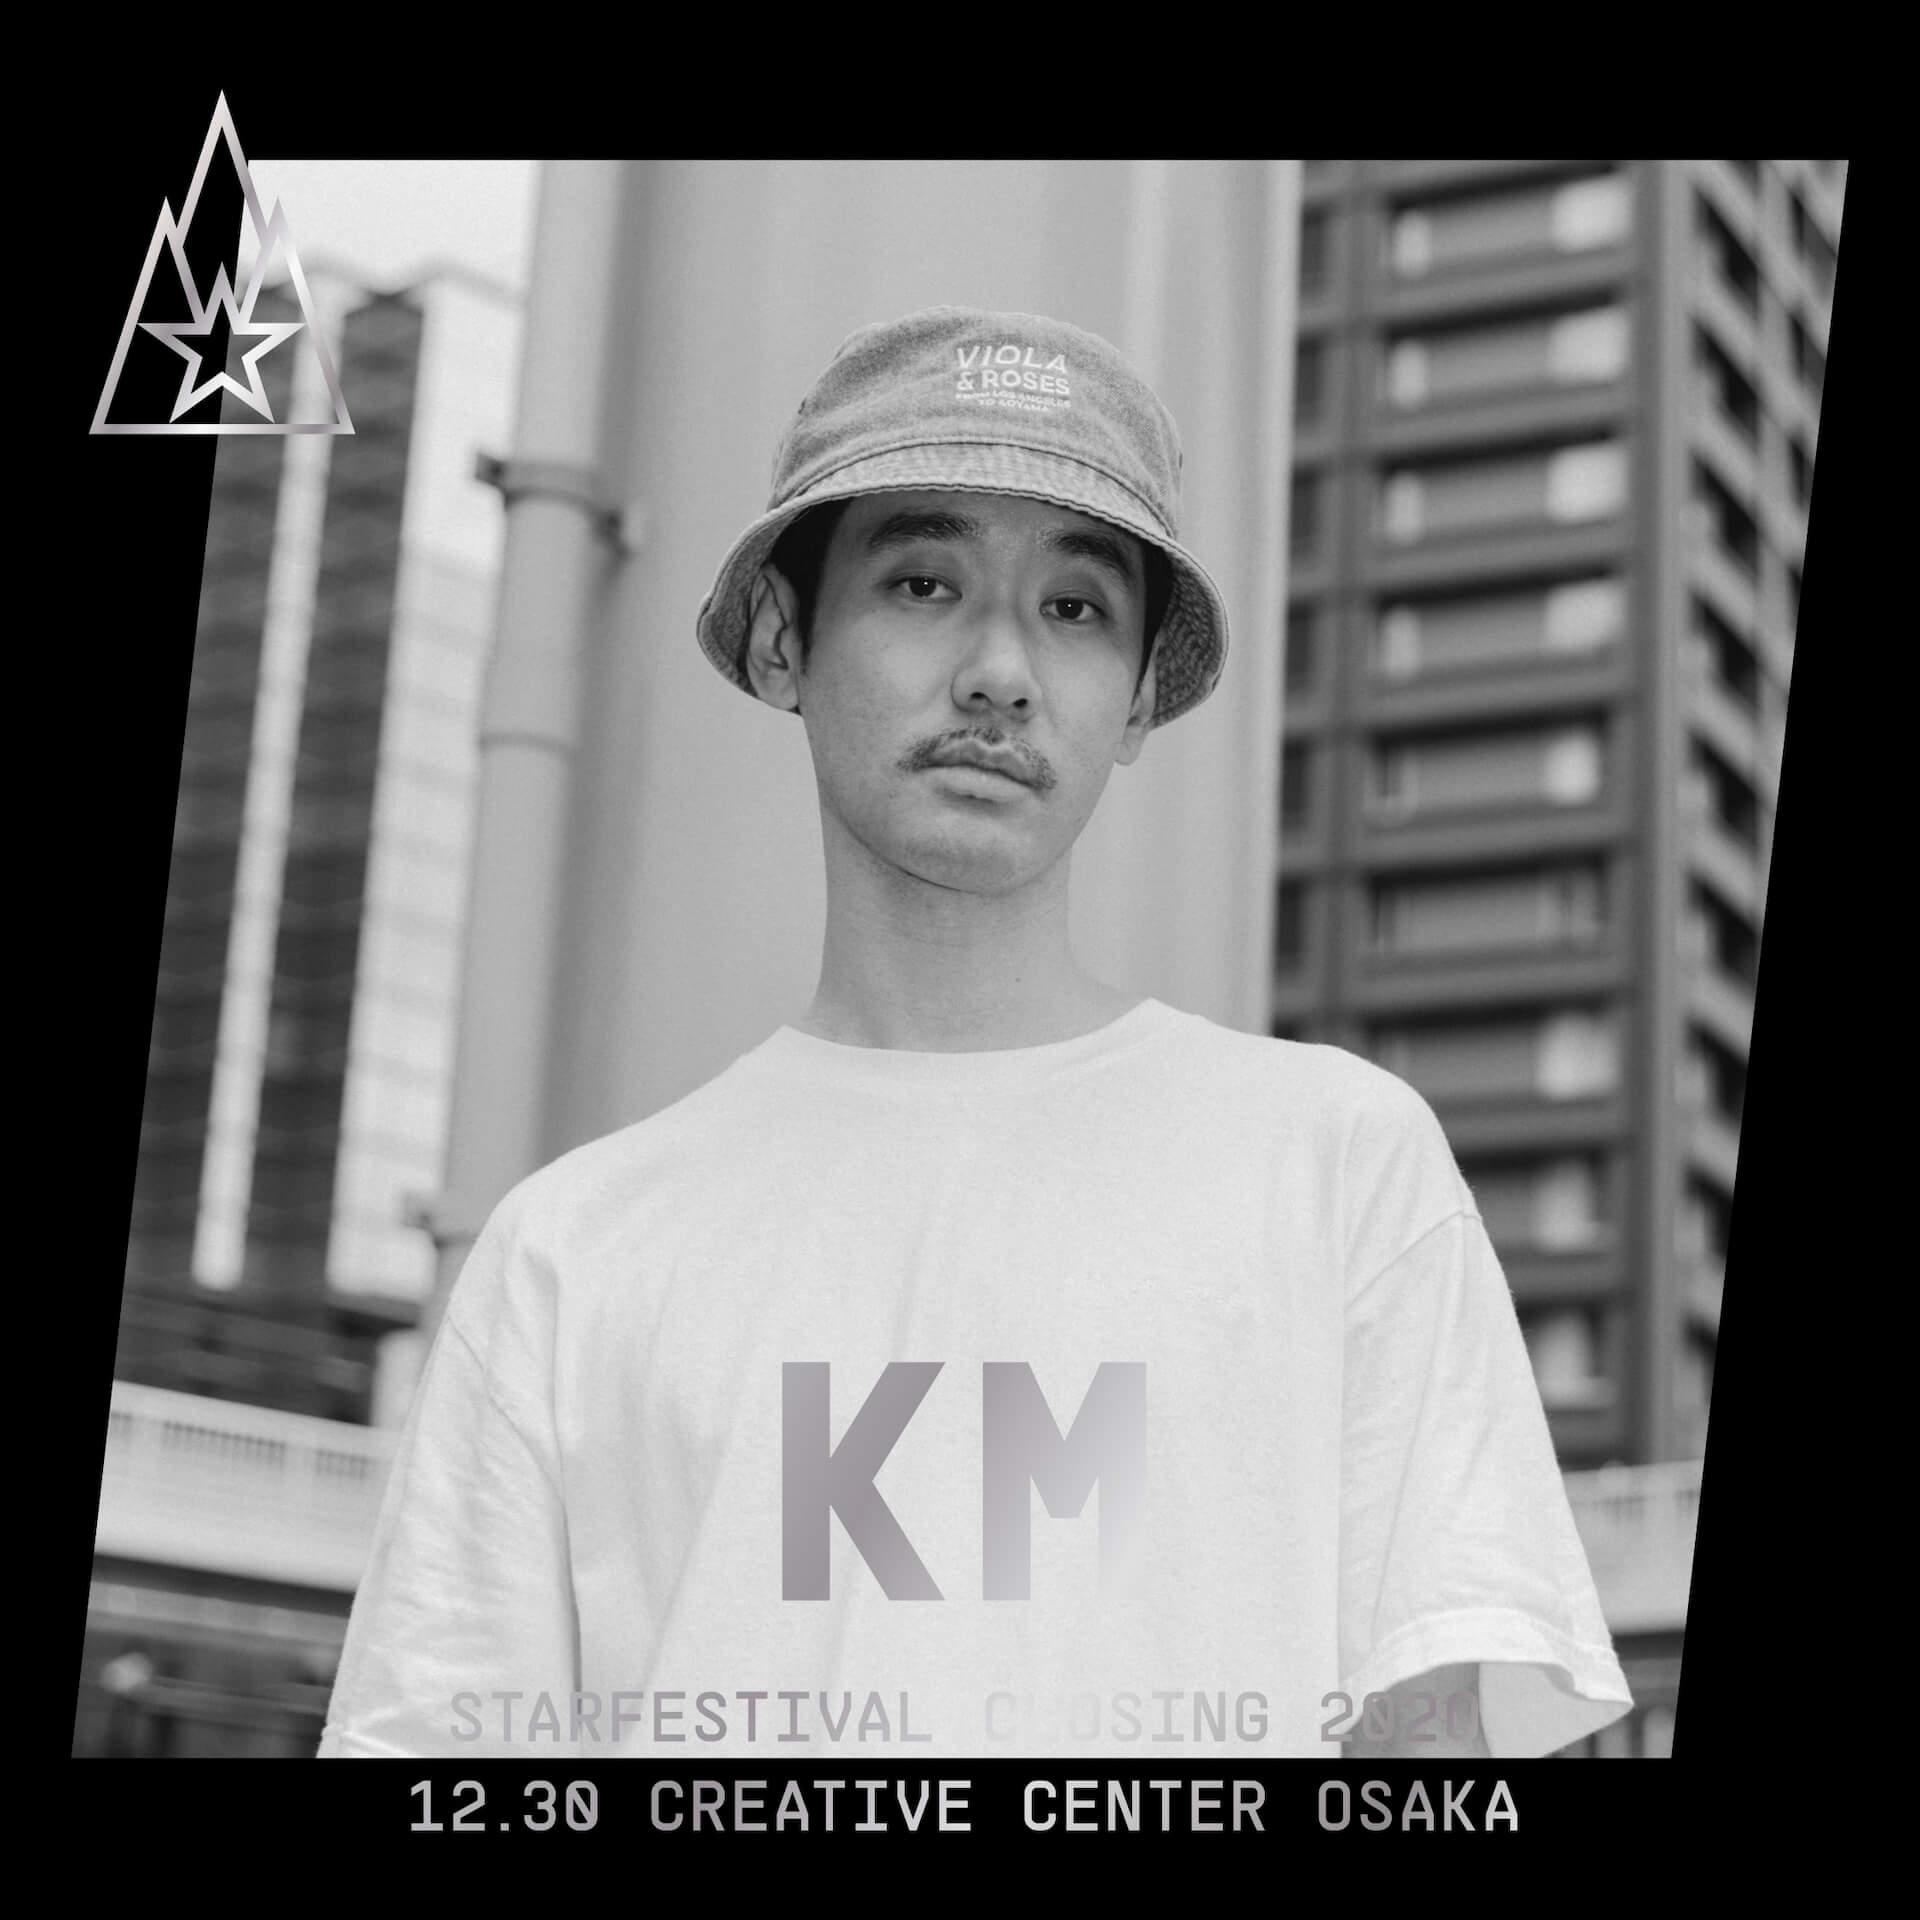 年末パーティー<Starfestival closing 2020>の追加出演者が発表!釈迦坊主、KM、Kyokaらがラインナップ music201216_starfestival2020_artist_1